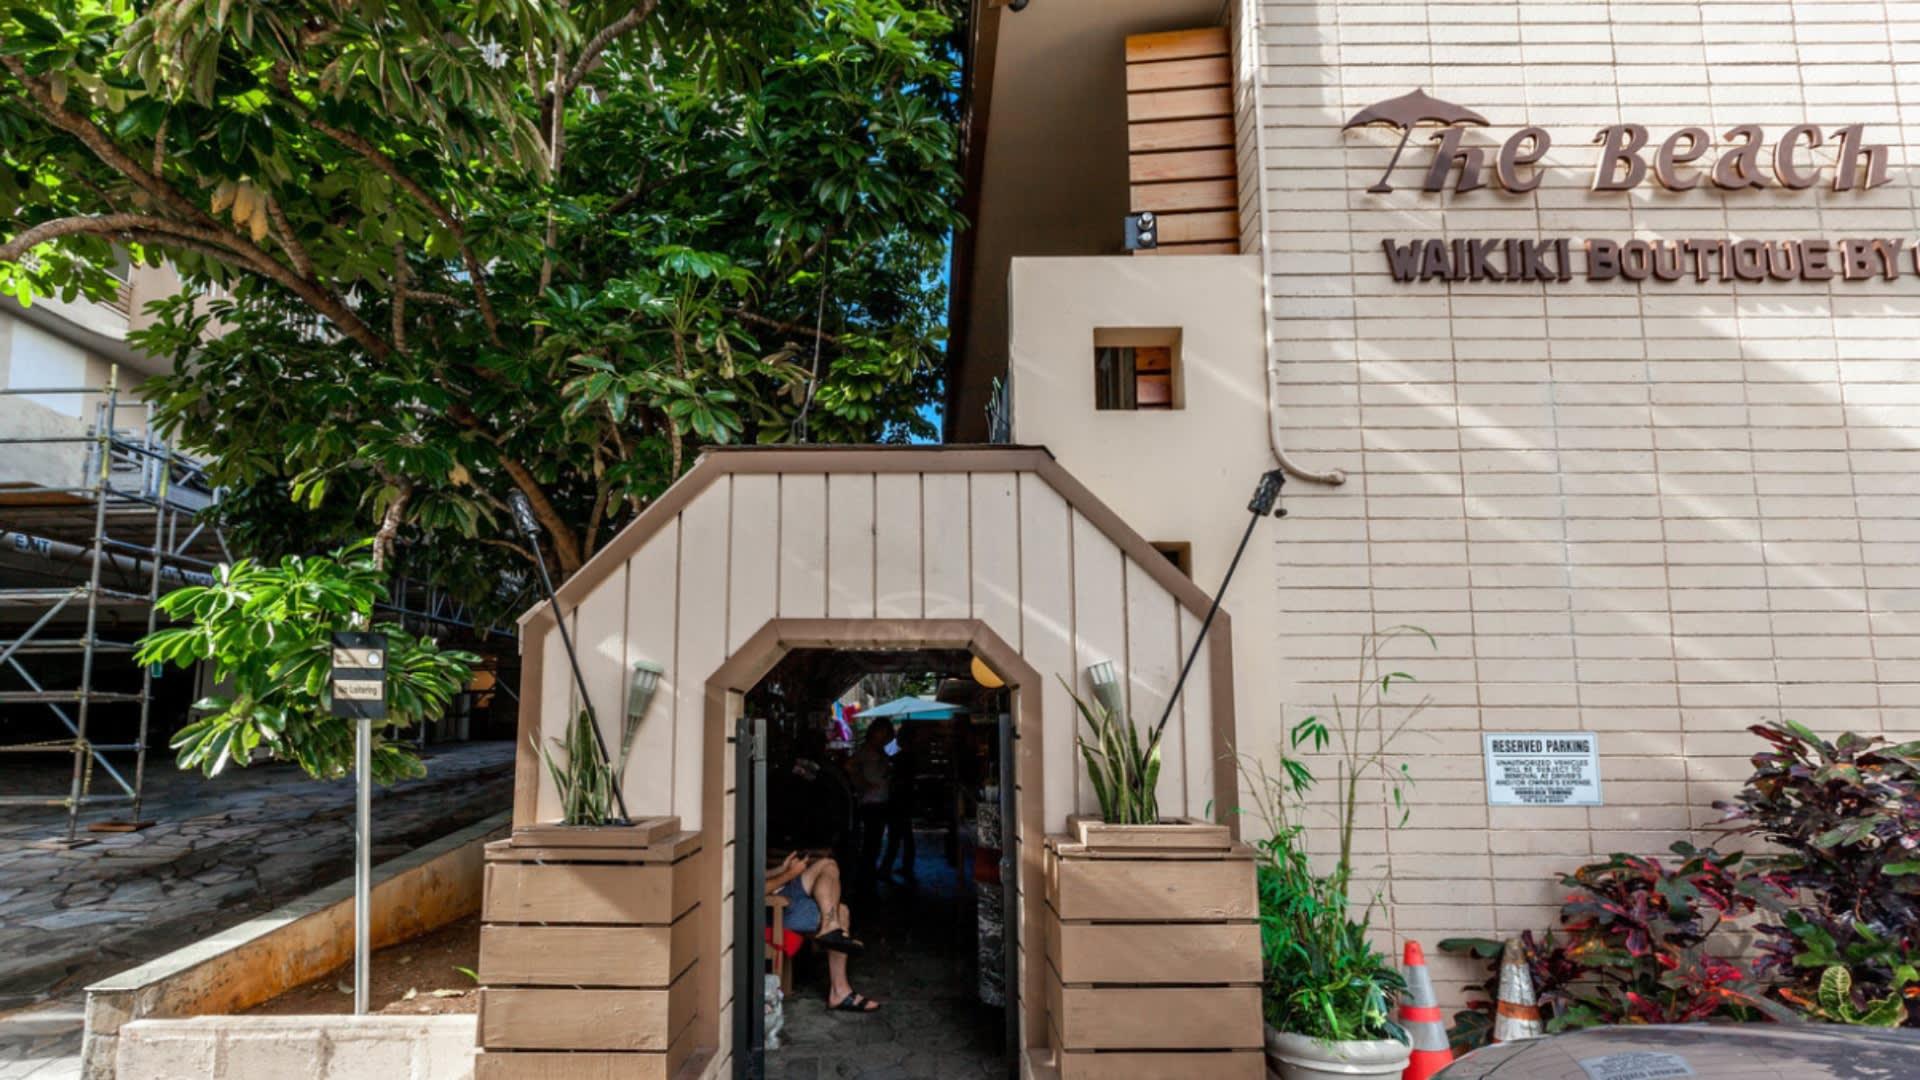 HOSTEL - THE BEACH waikiki boutique hostel by IH